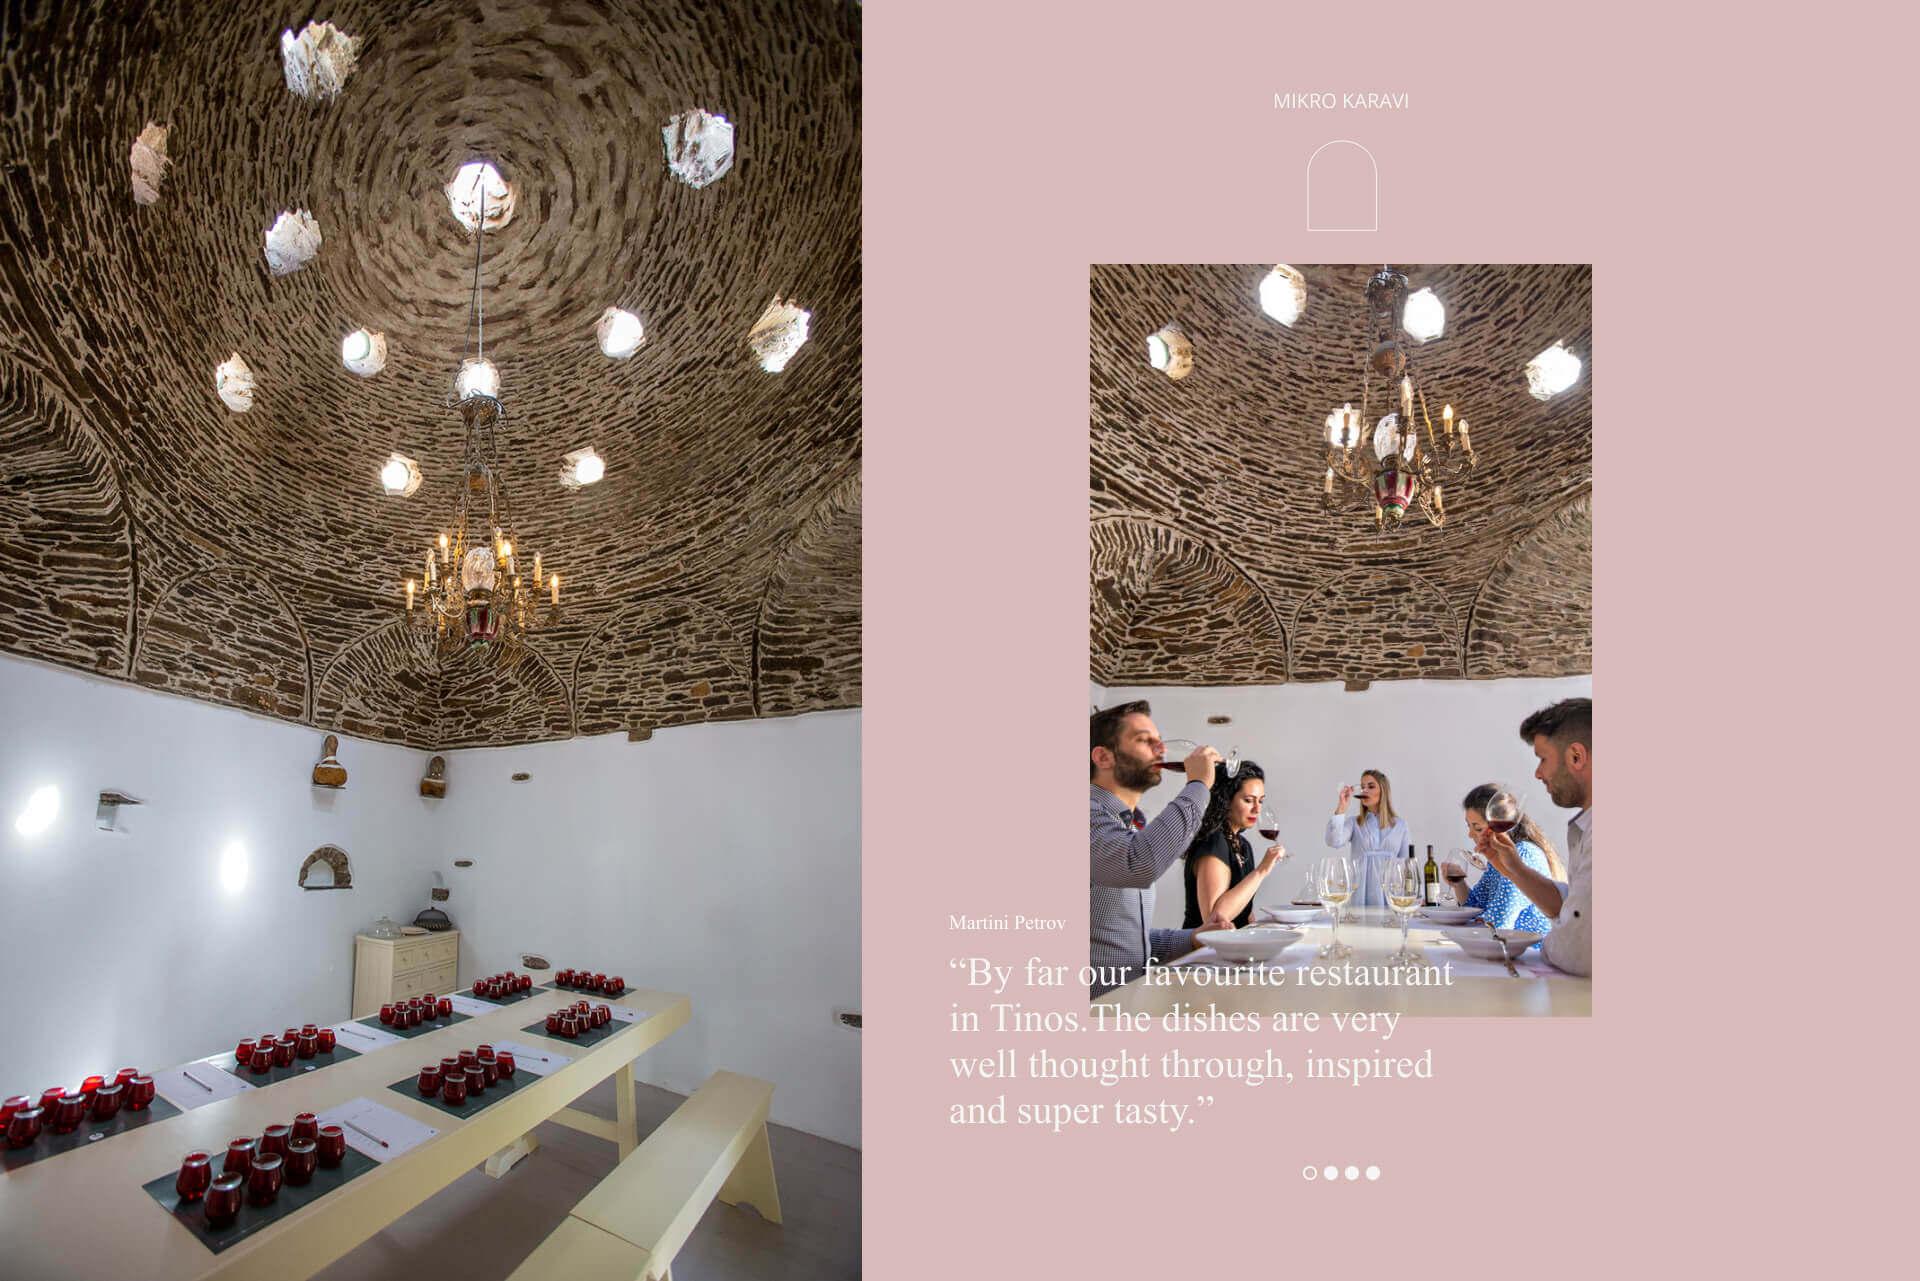 Mikro Karavi Restaurant branding and website design